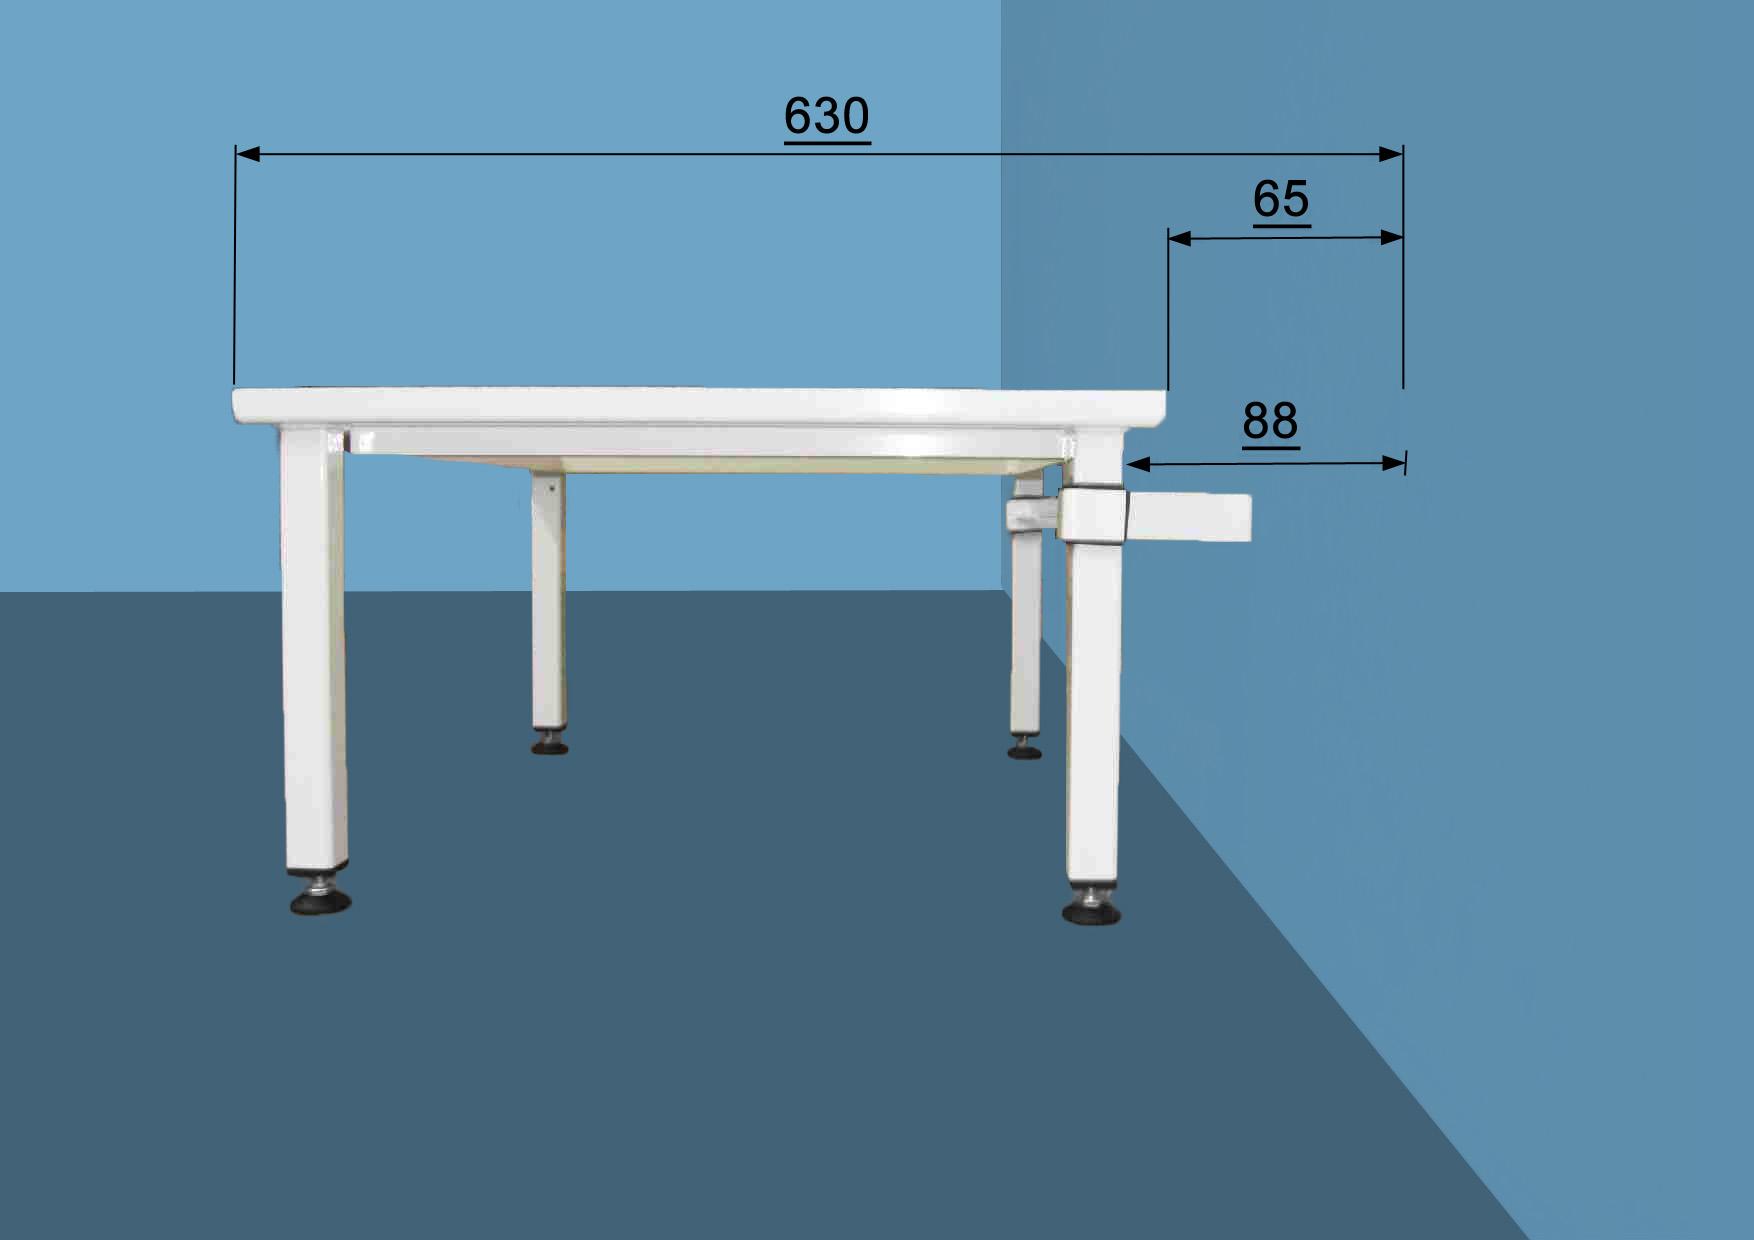 Kühlschrank Untergestell : Ikea küche sockel kühlschrank thermostat k s ranco mm